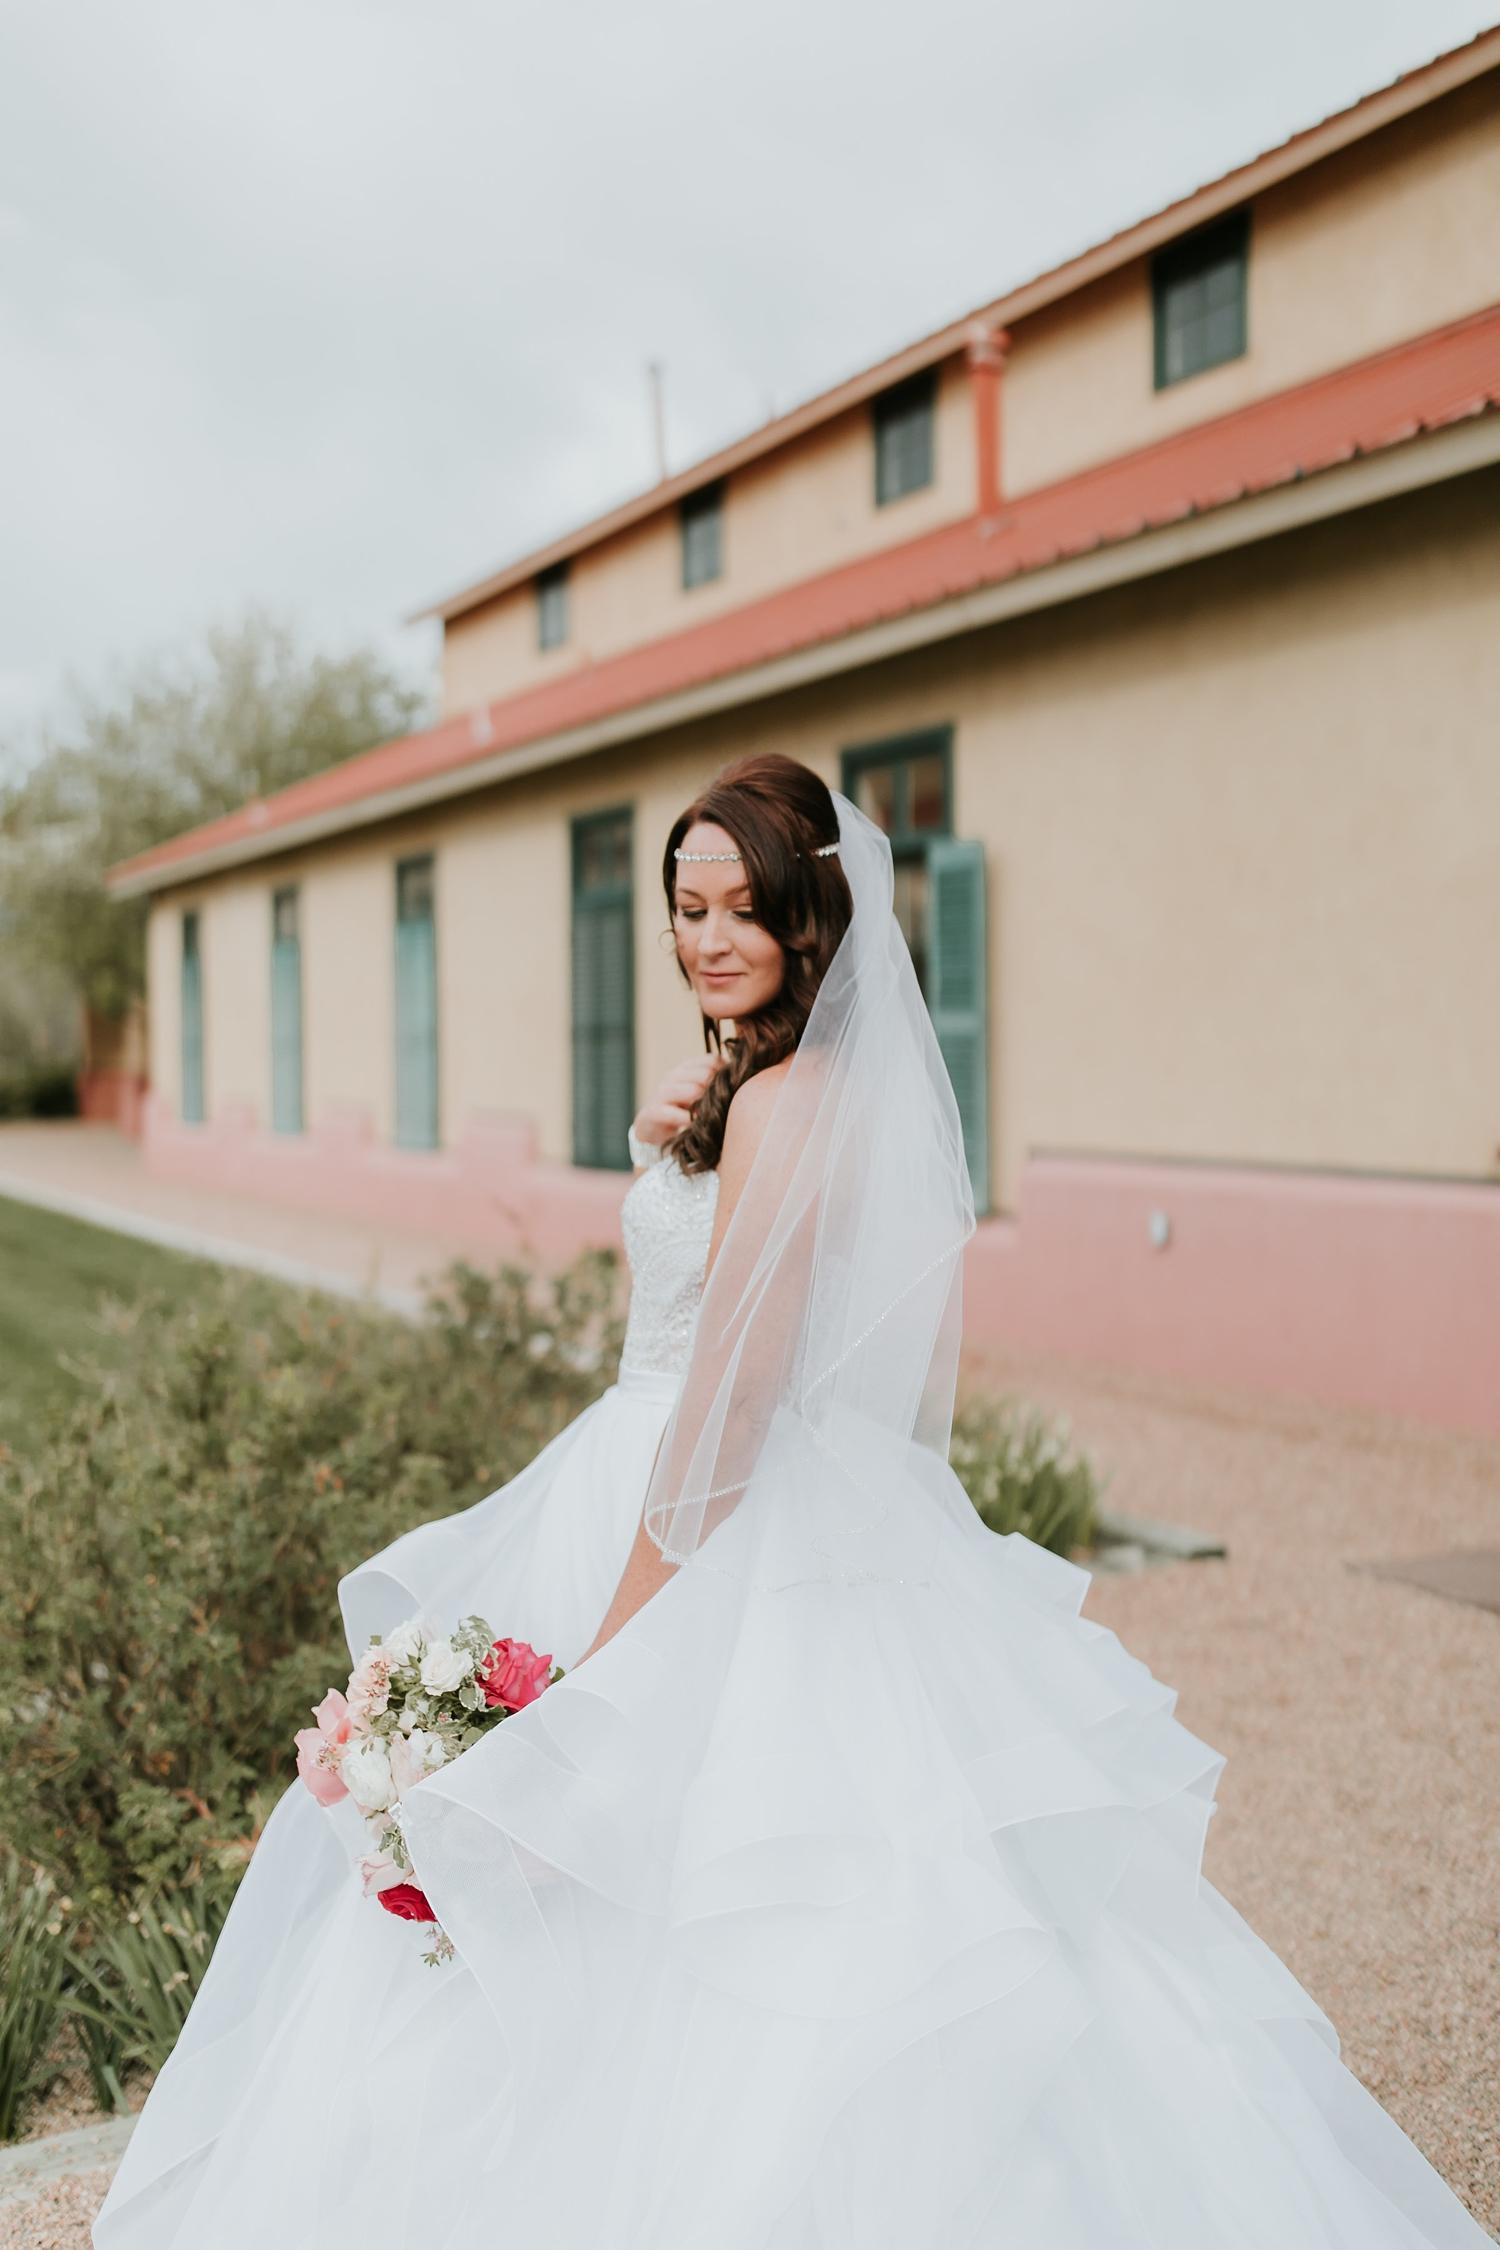 Alicia+lucia+photography+-+albuquerque+wedding+photographer+-+santa+fe+wedding+photography+-+new+mexico+wedding+photographer+-+new+mexico+engagement+-+la+mesita+ranch+wedding+-+la+mesita+ranch+spring+wedding_0062.jpg